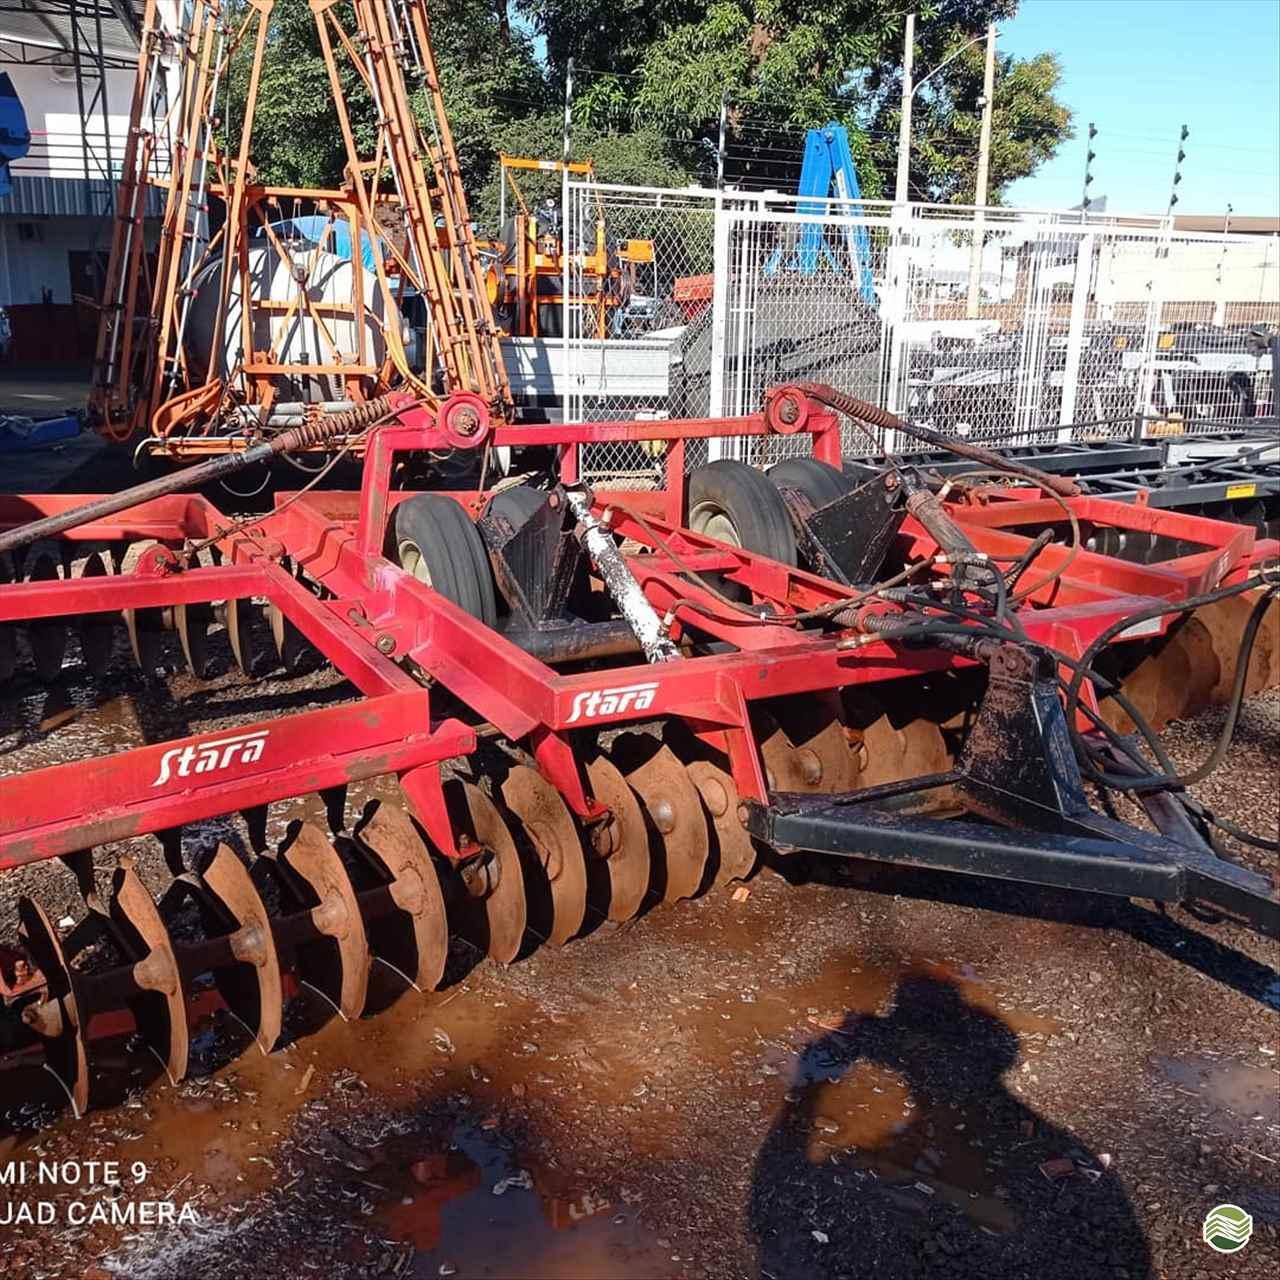 IMPLEMENTOS AGRICOLAS GRADE NIVELADORA NIVELADORA 52 DISCOS Mezenga Máquinas DOURADOS MATO GROSSO DO SUL MS